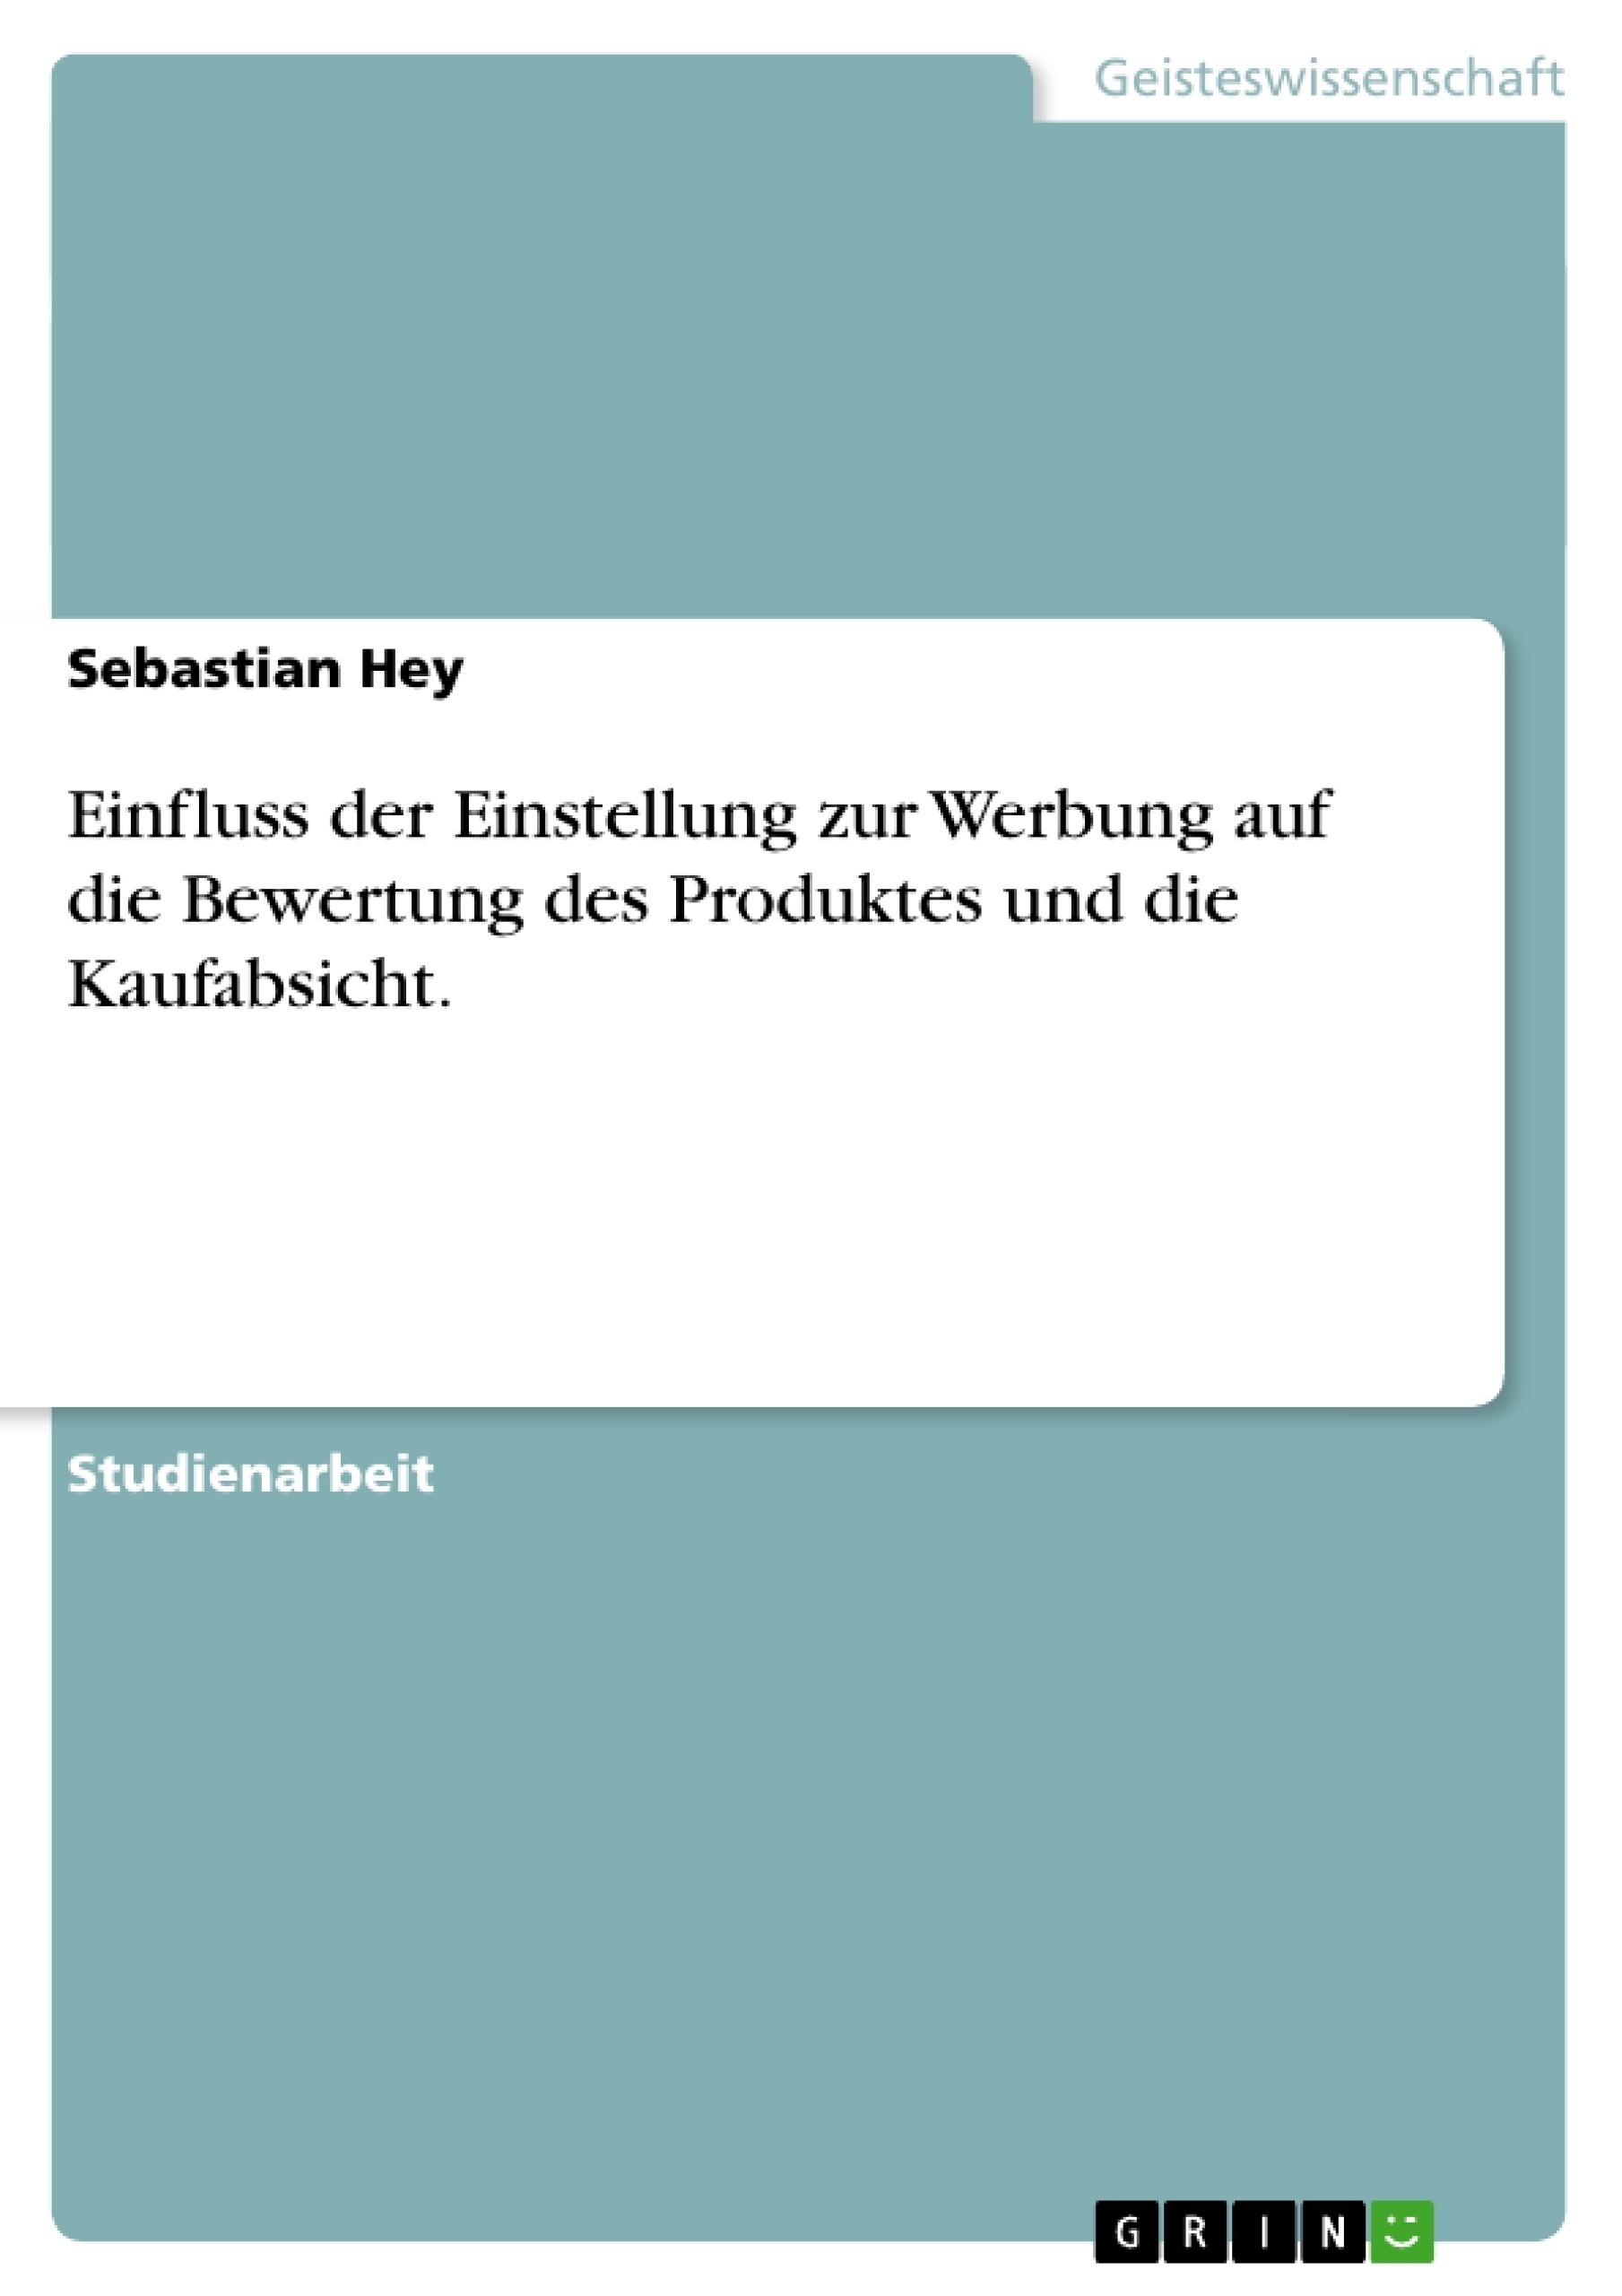 Titel: Einfluss der Einstellung zur Werbung auf die Bewertung des Produktes und die Kaufabsicht.